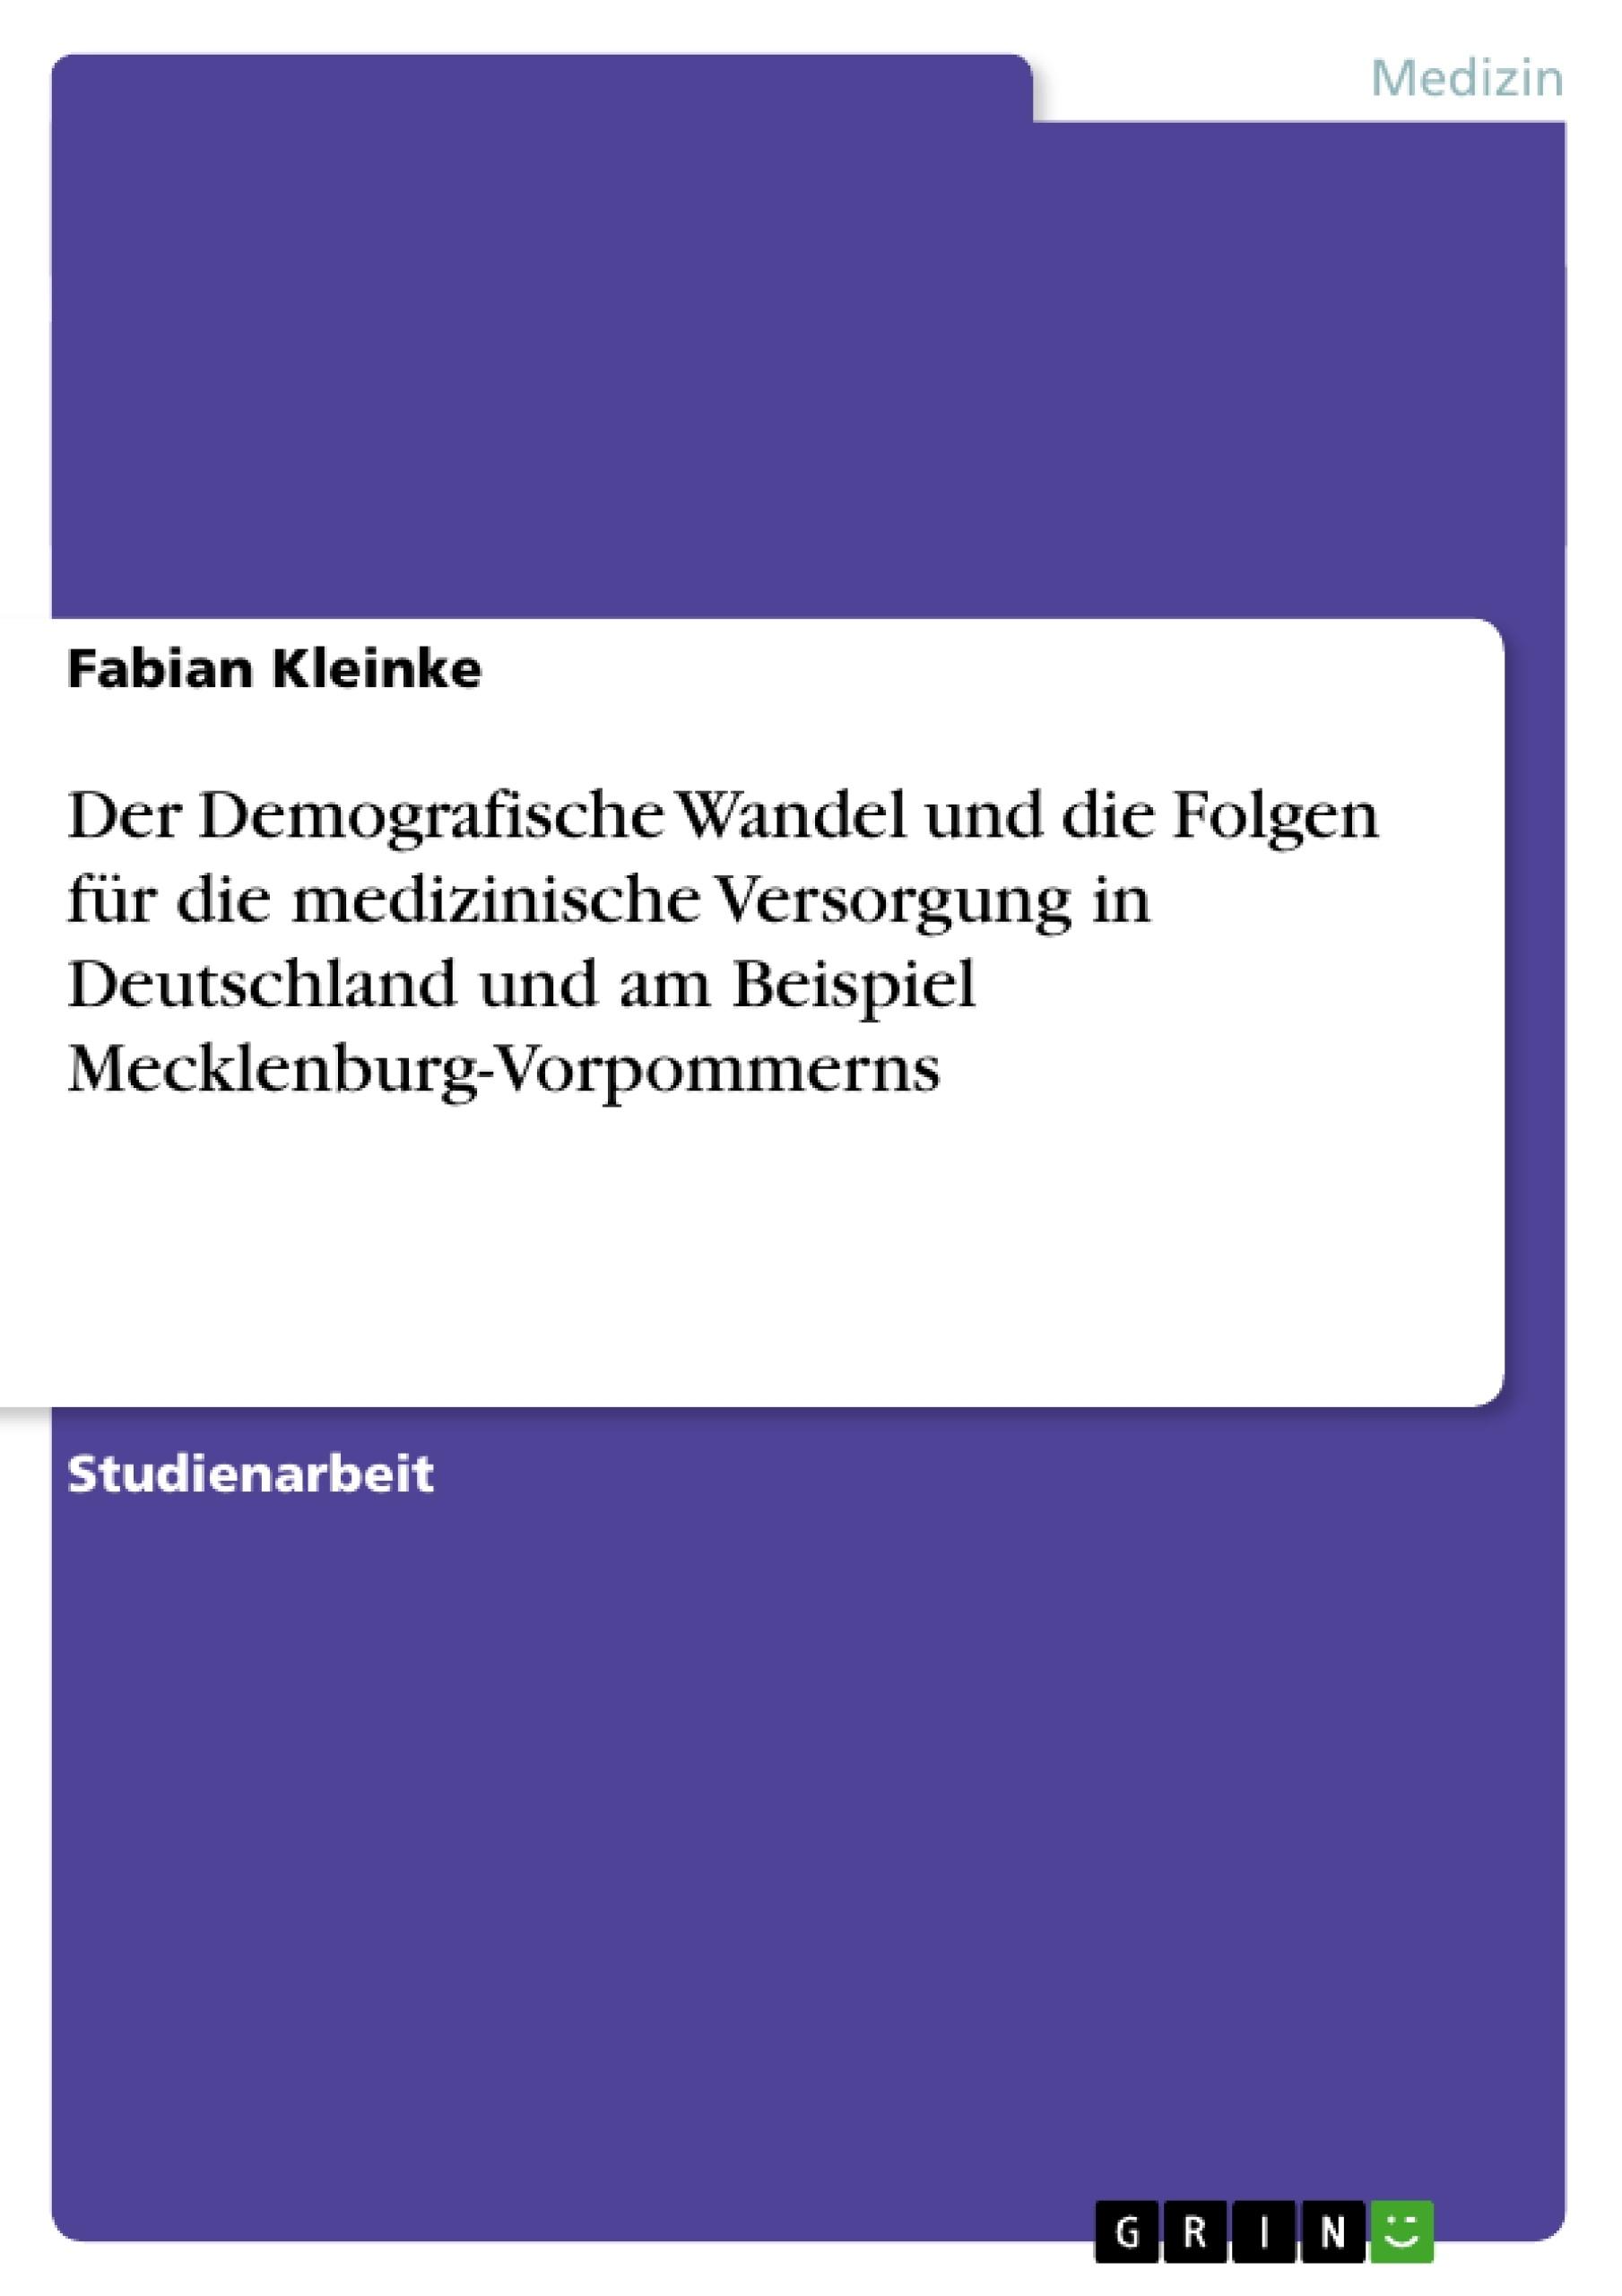 Titel: Der Demografische Wandel und die Folgen für die medizinische Versorgung in Deutschland und am Beispiel Mecklenburg-Vorpommerns